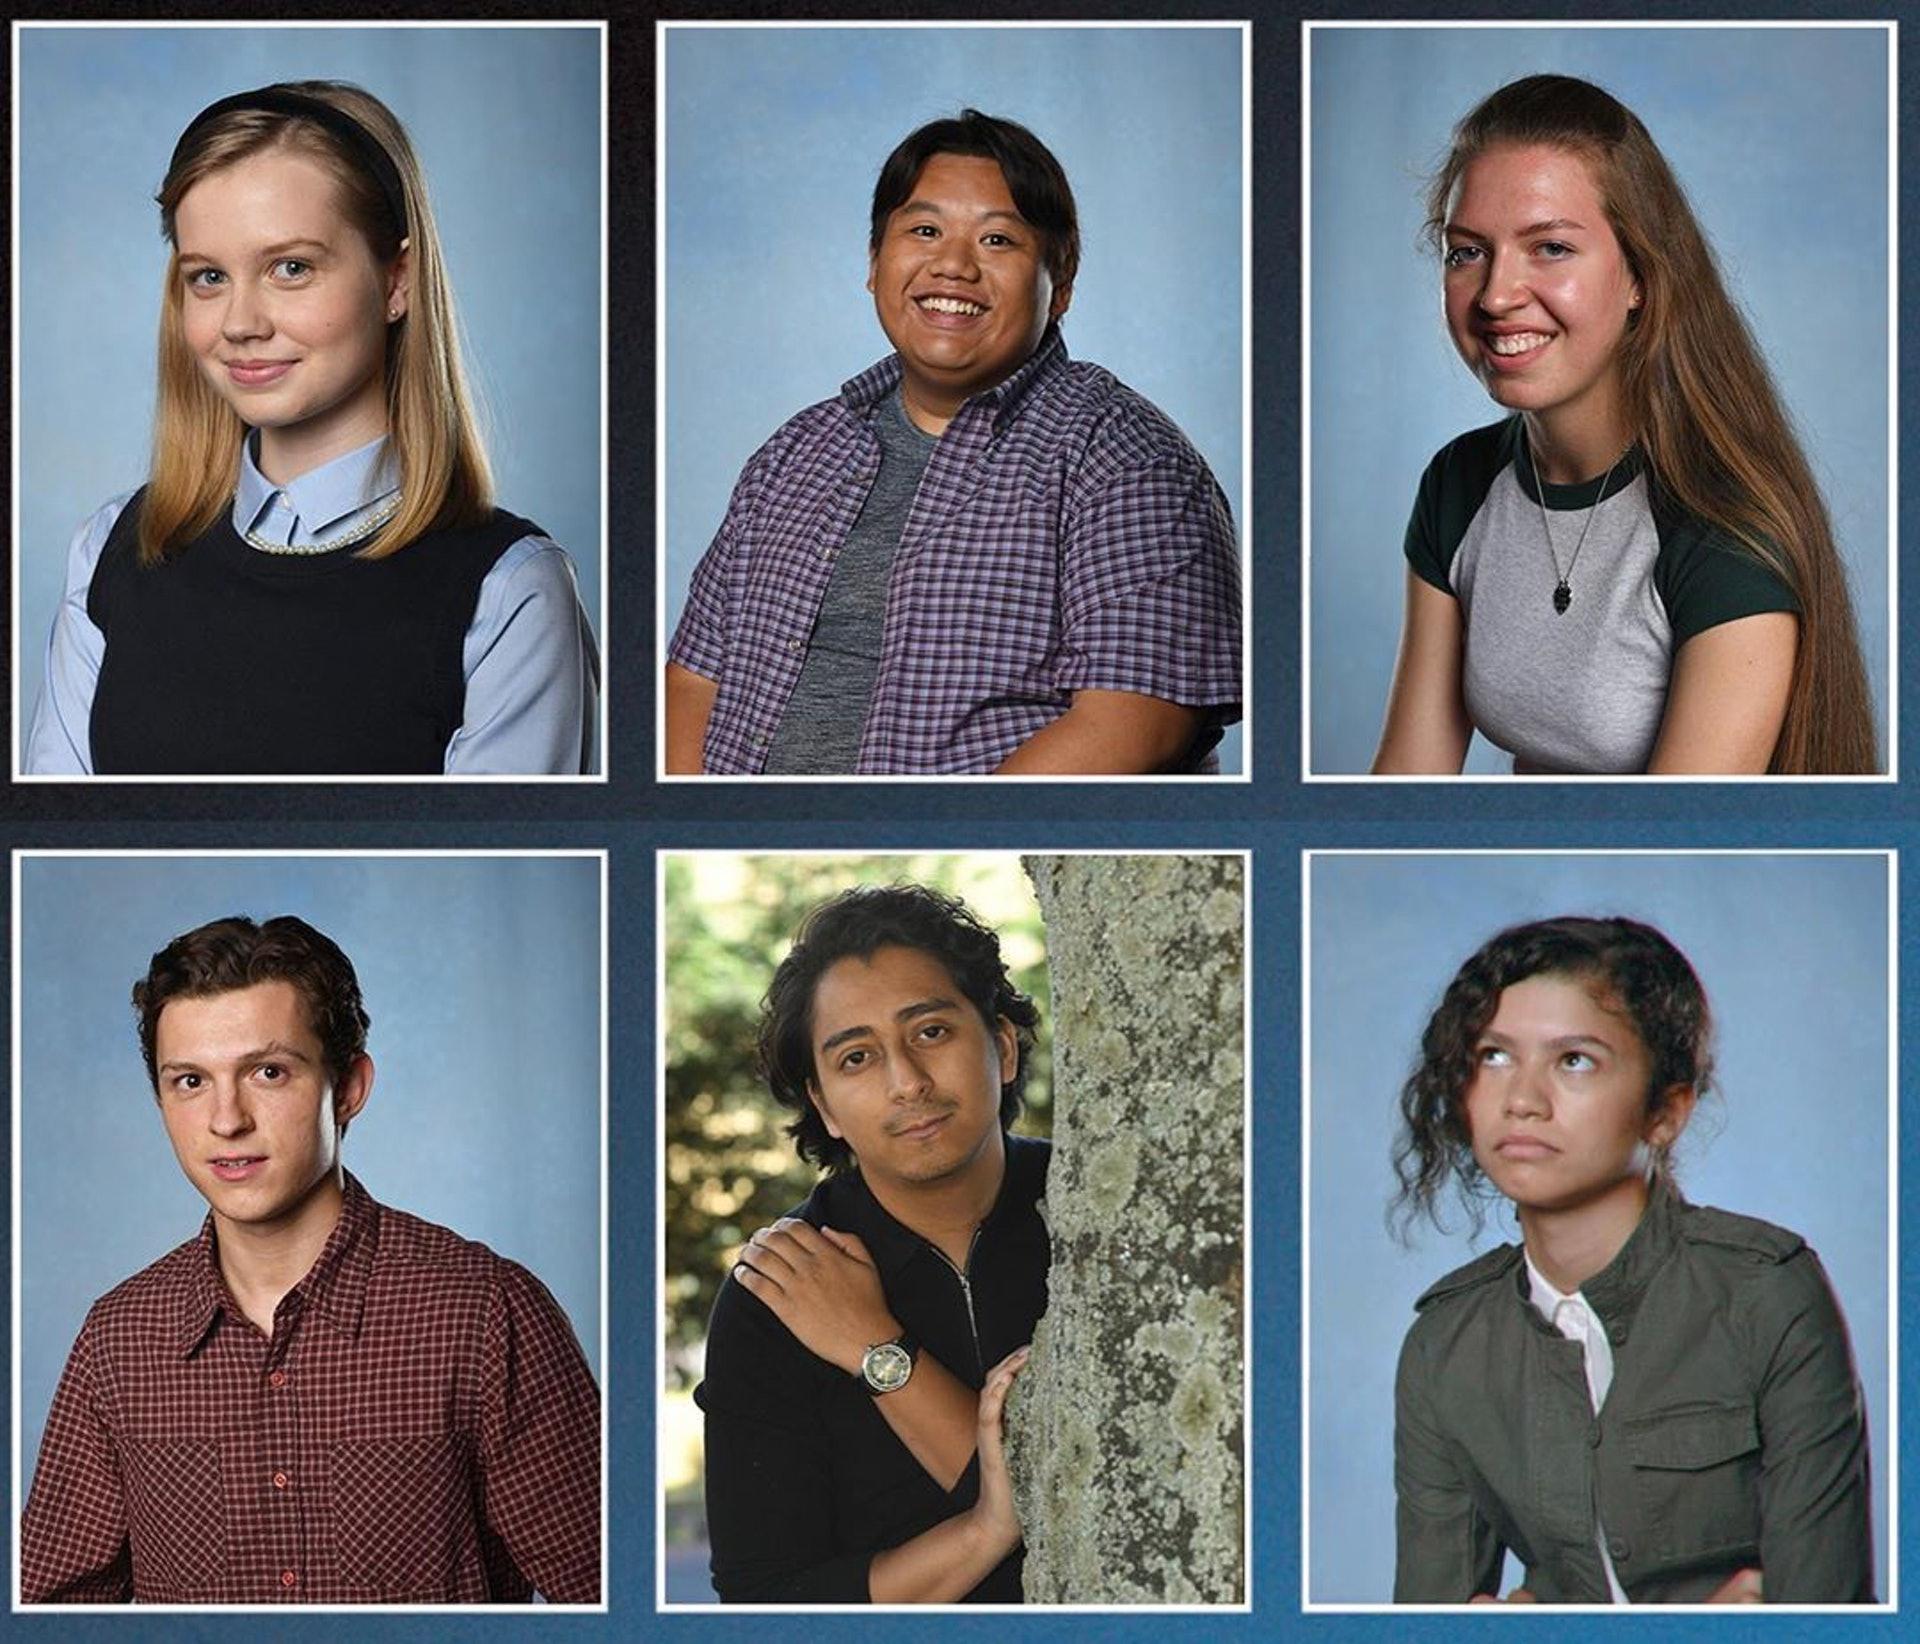 導演Jon Watts早前在IG貼出同學們的畢業照,單靠睇相已經大概了解到幾位同學的性格。(Jon Watts/IG相片)